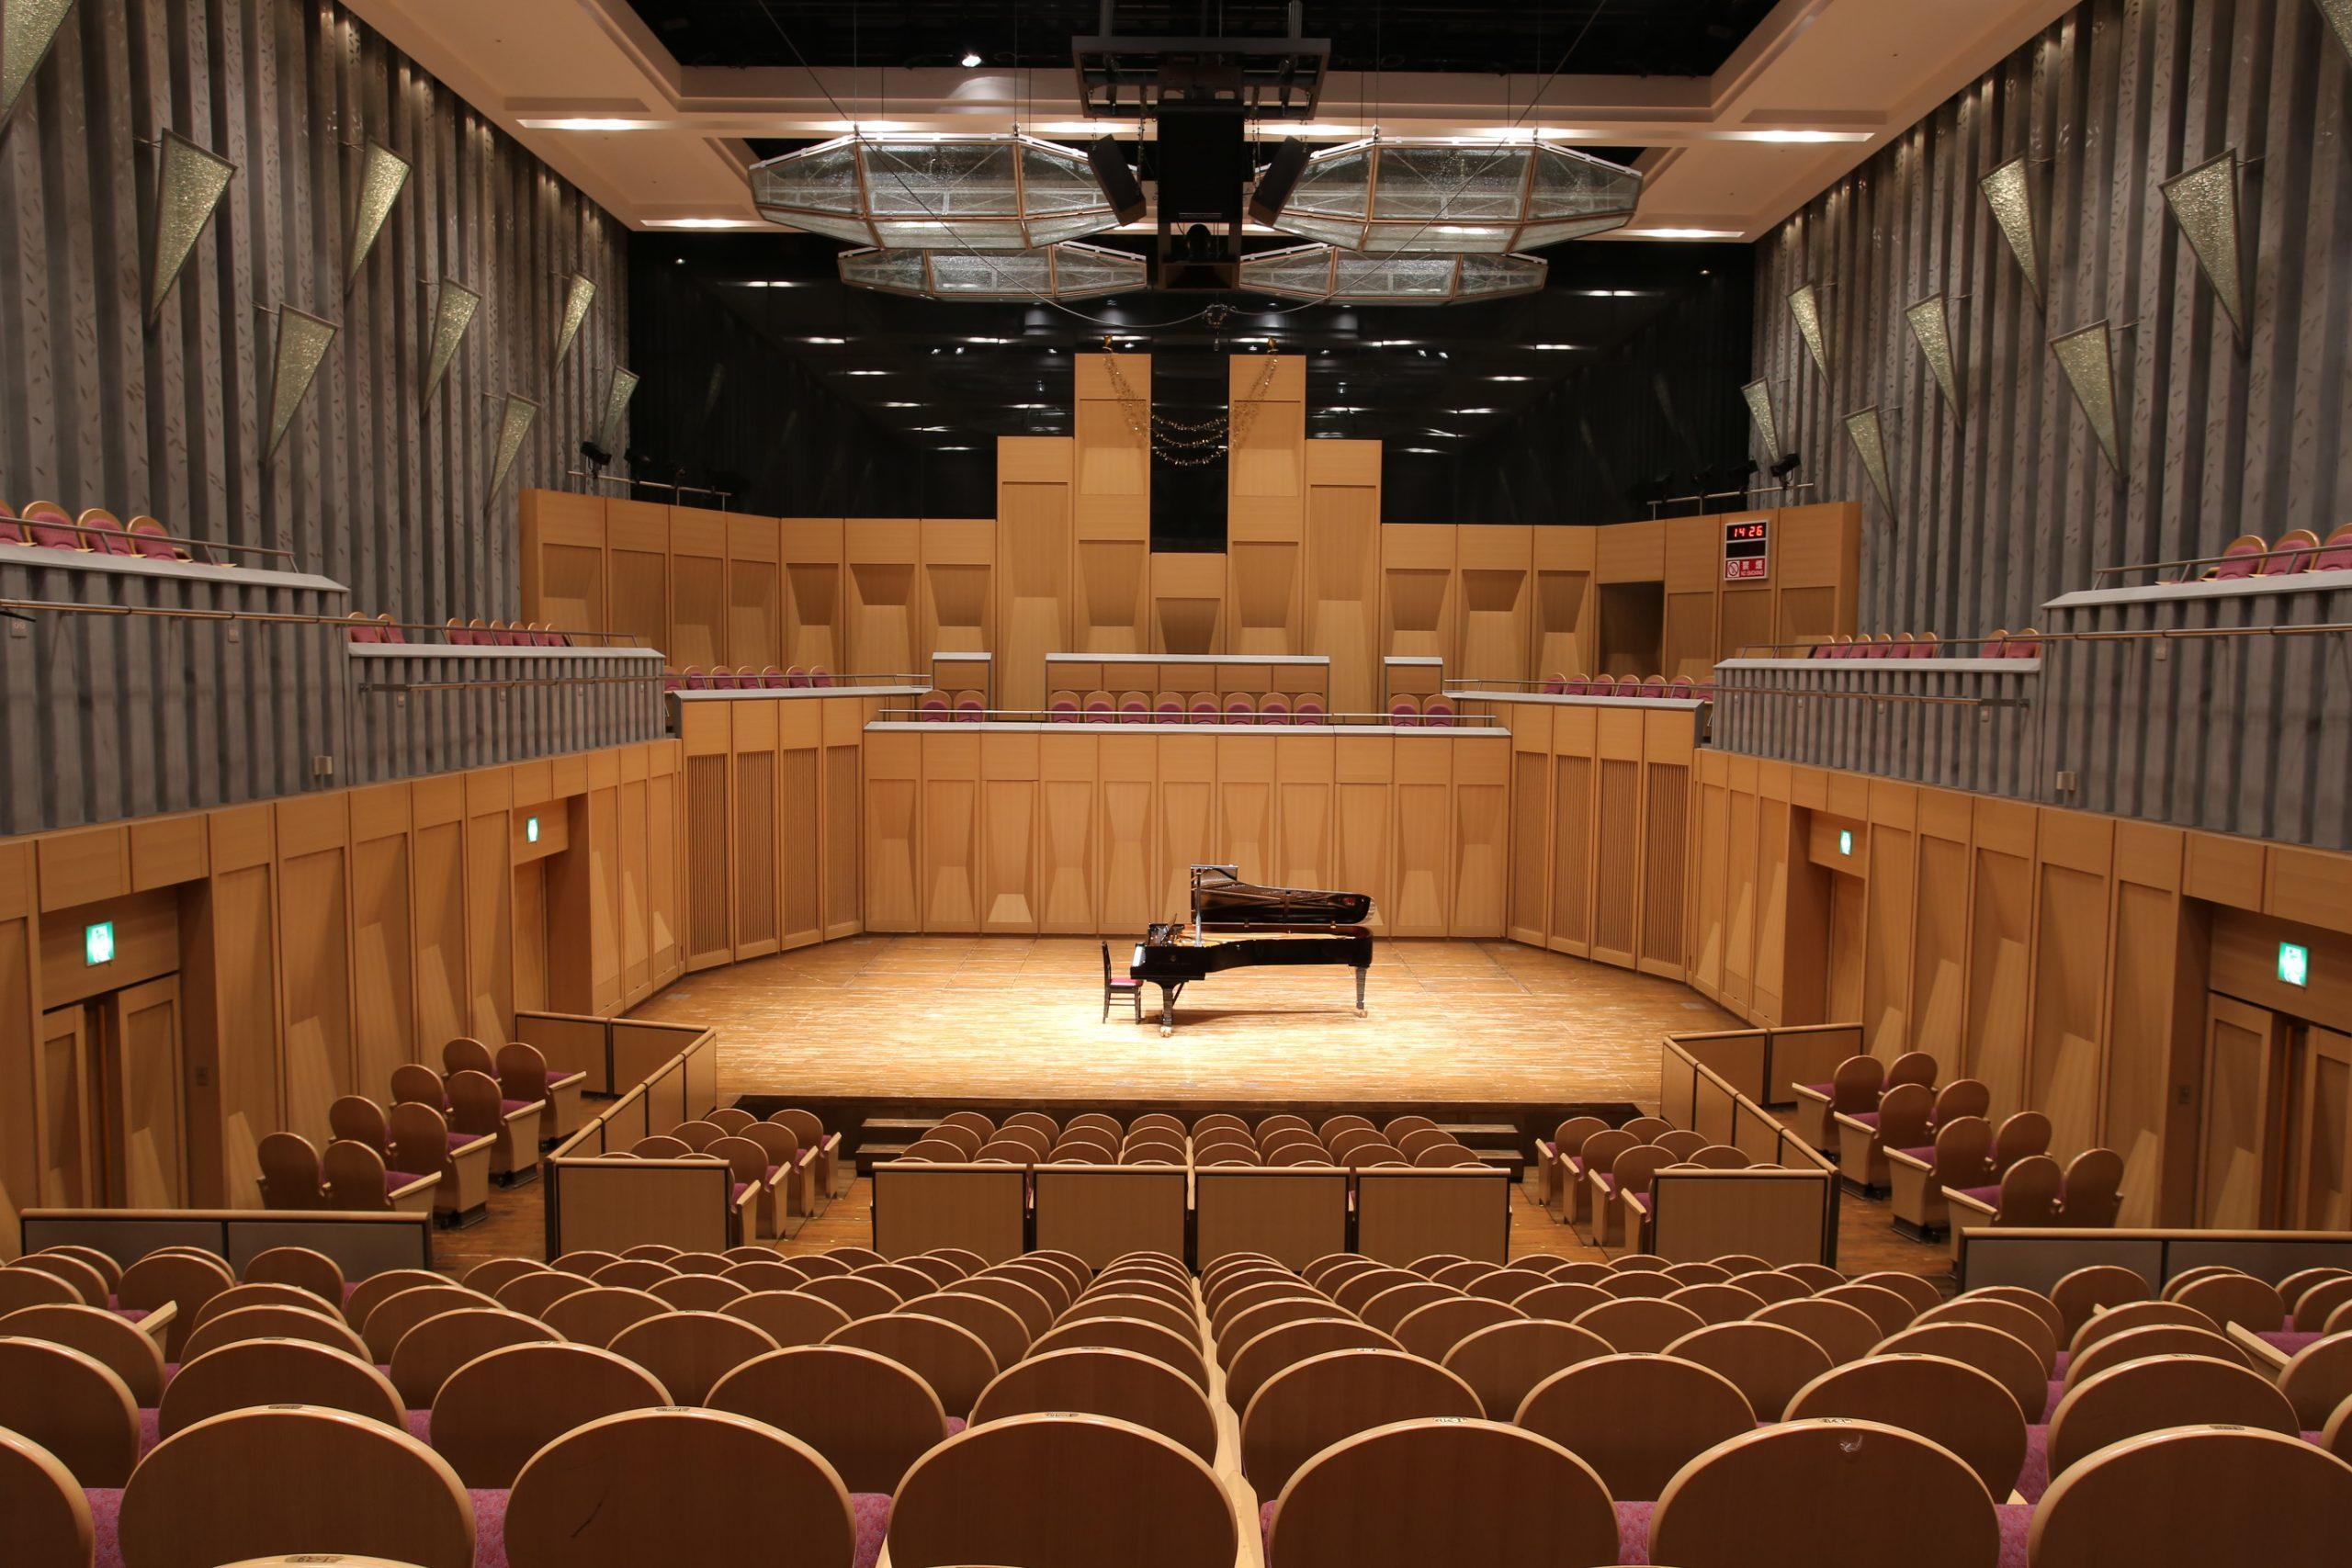 ホール舞台全景の写真